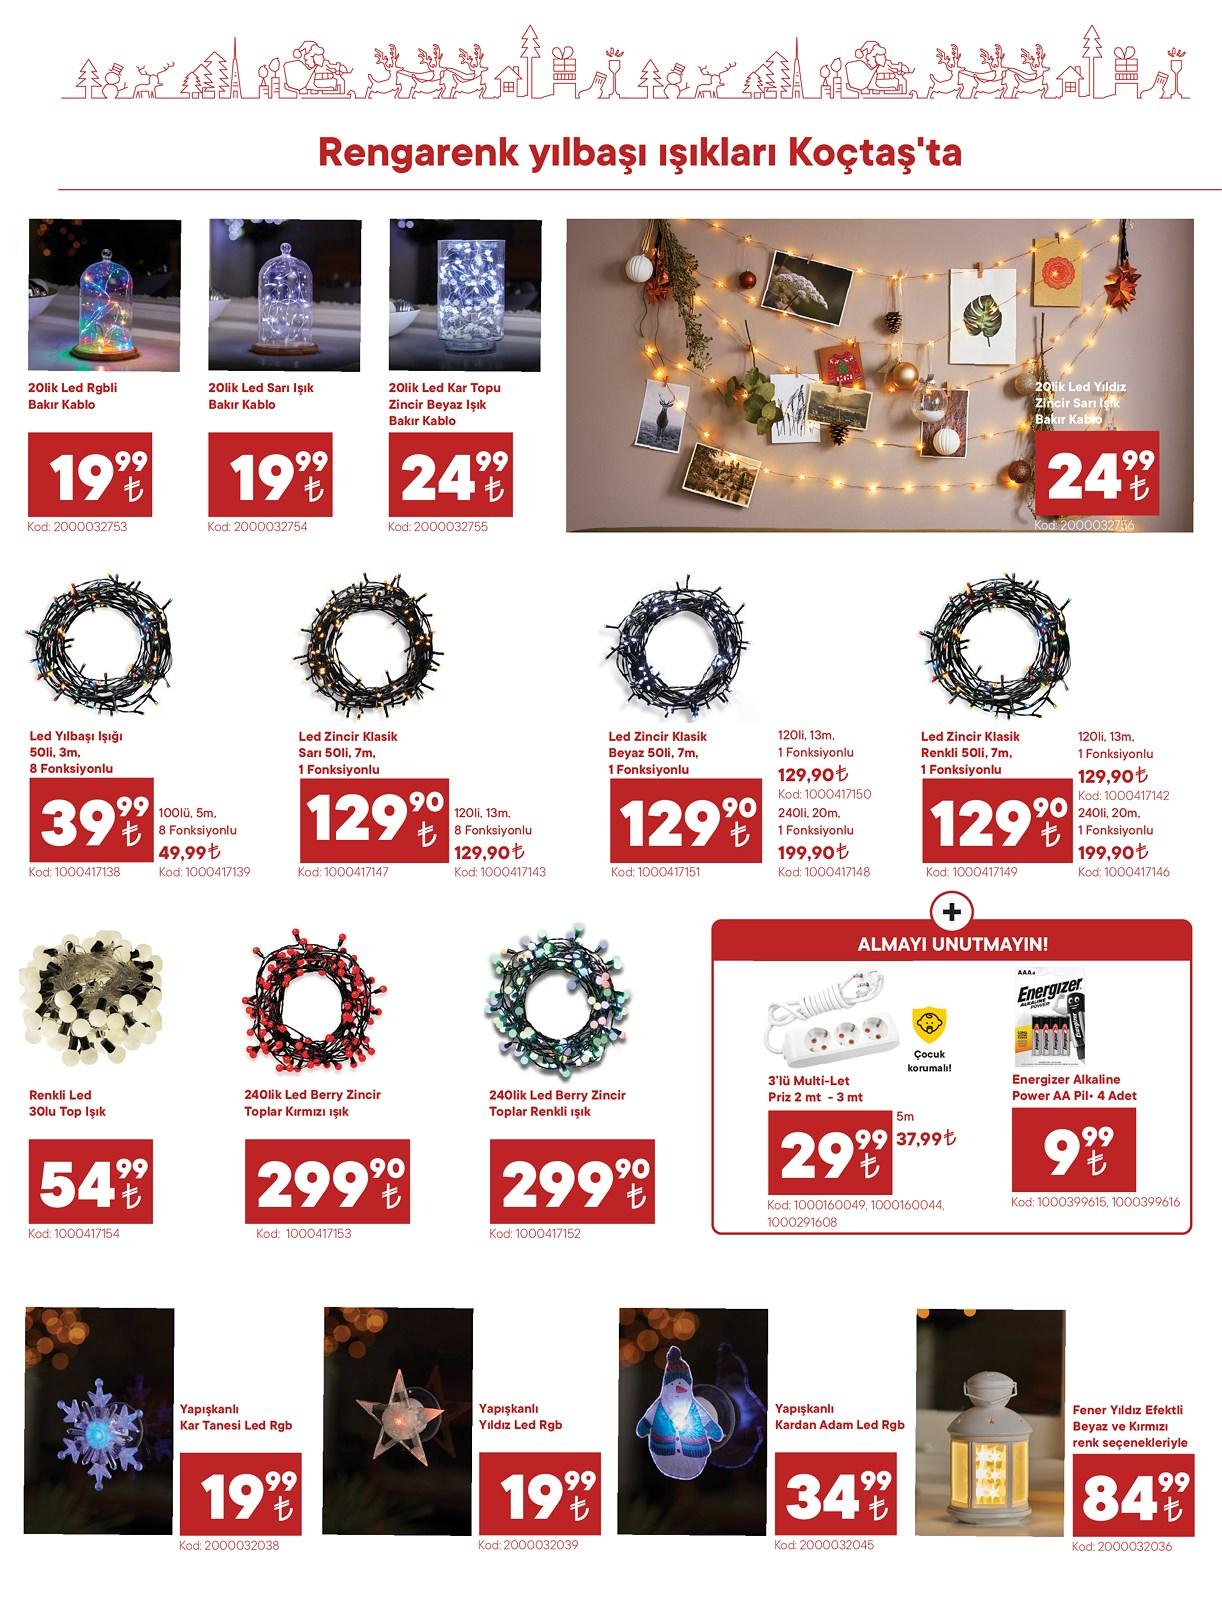 27.11.2020 Koçtaş broşürü 4. sayfa